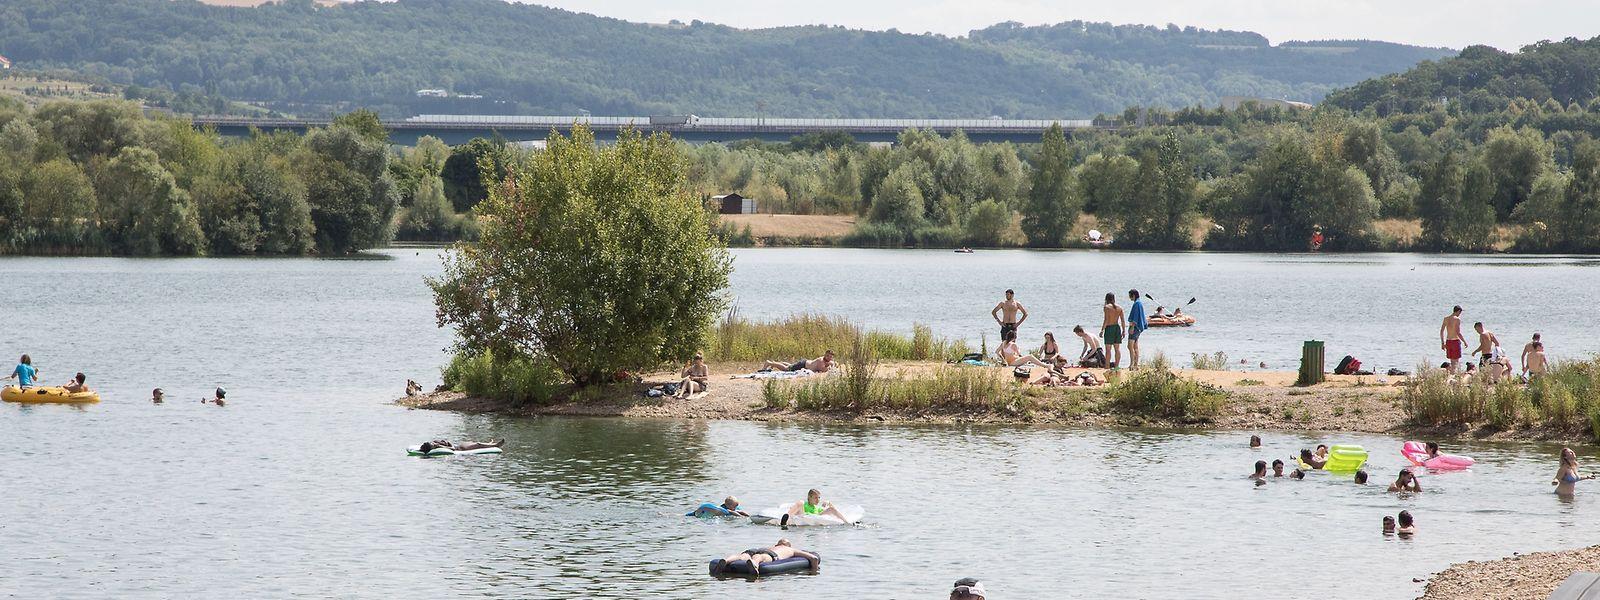 Das Schwimmen in einem Badegewässer wie in Remerschen birgt einige Gefahren, die es etwa in einem Freibad nicht gibt.